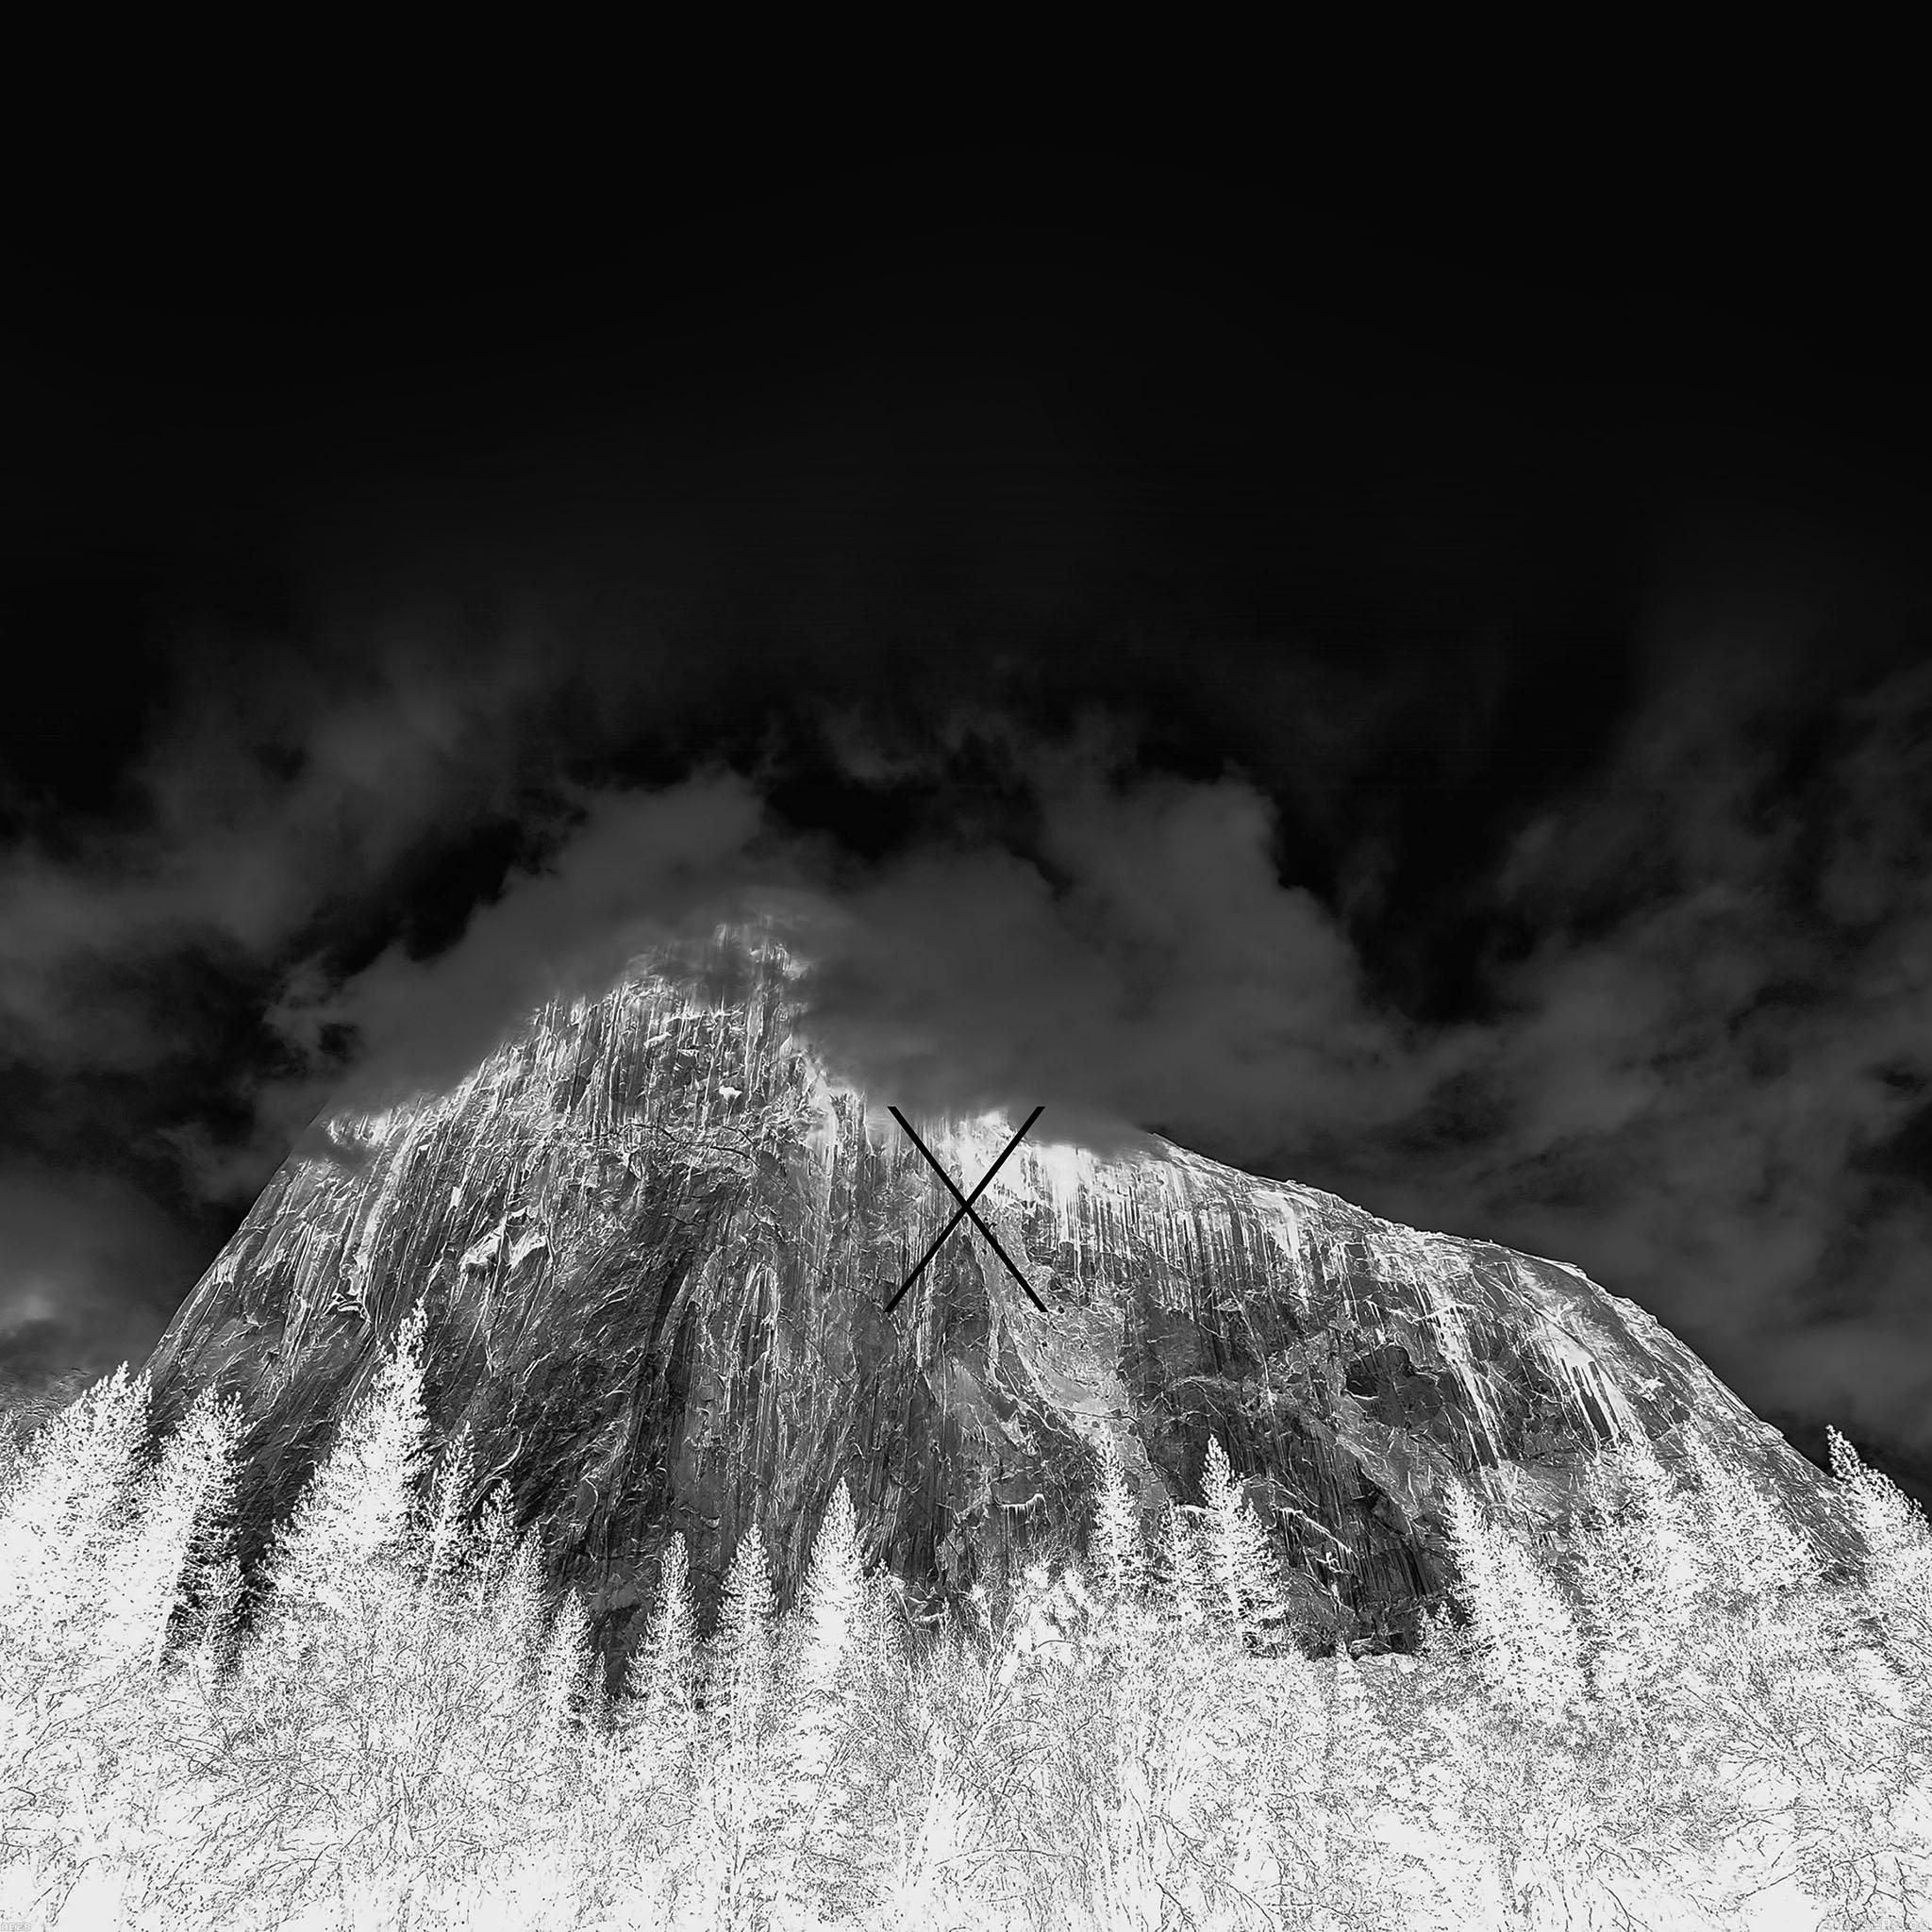 Osx Yosemite: IPad